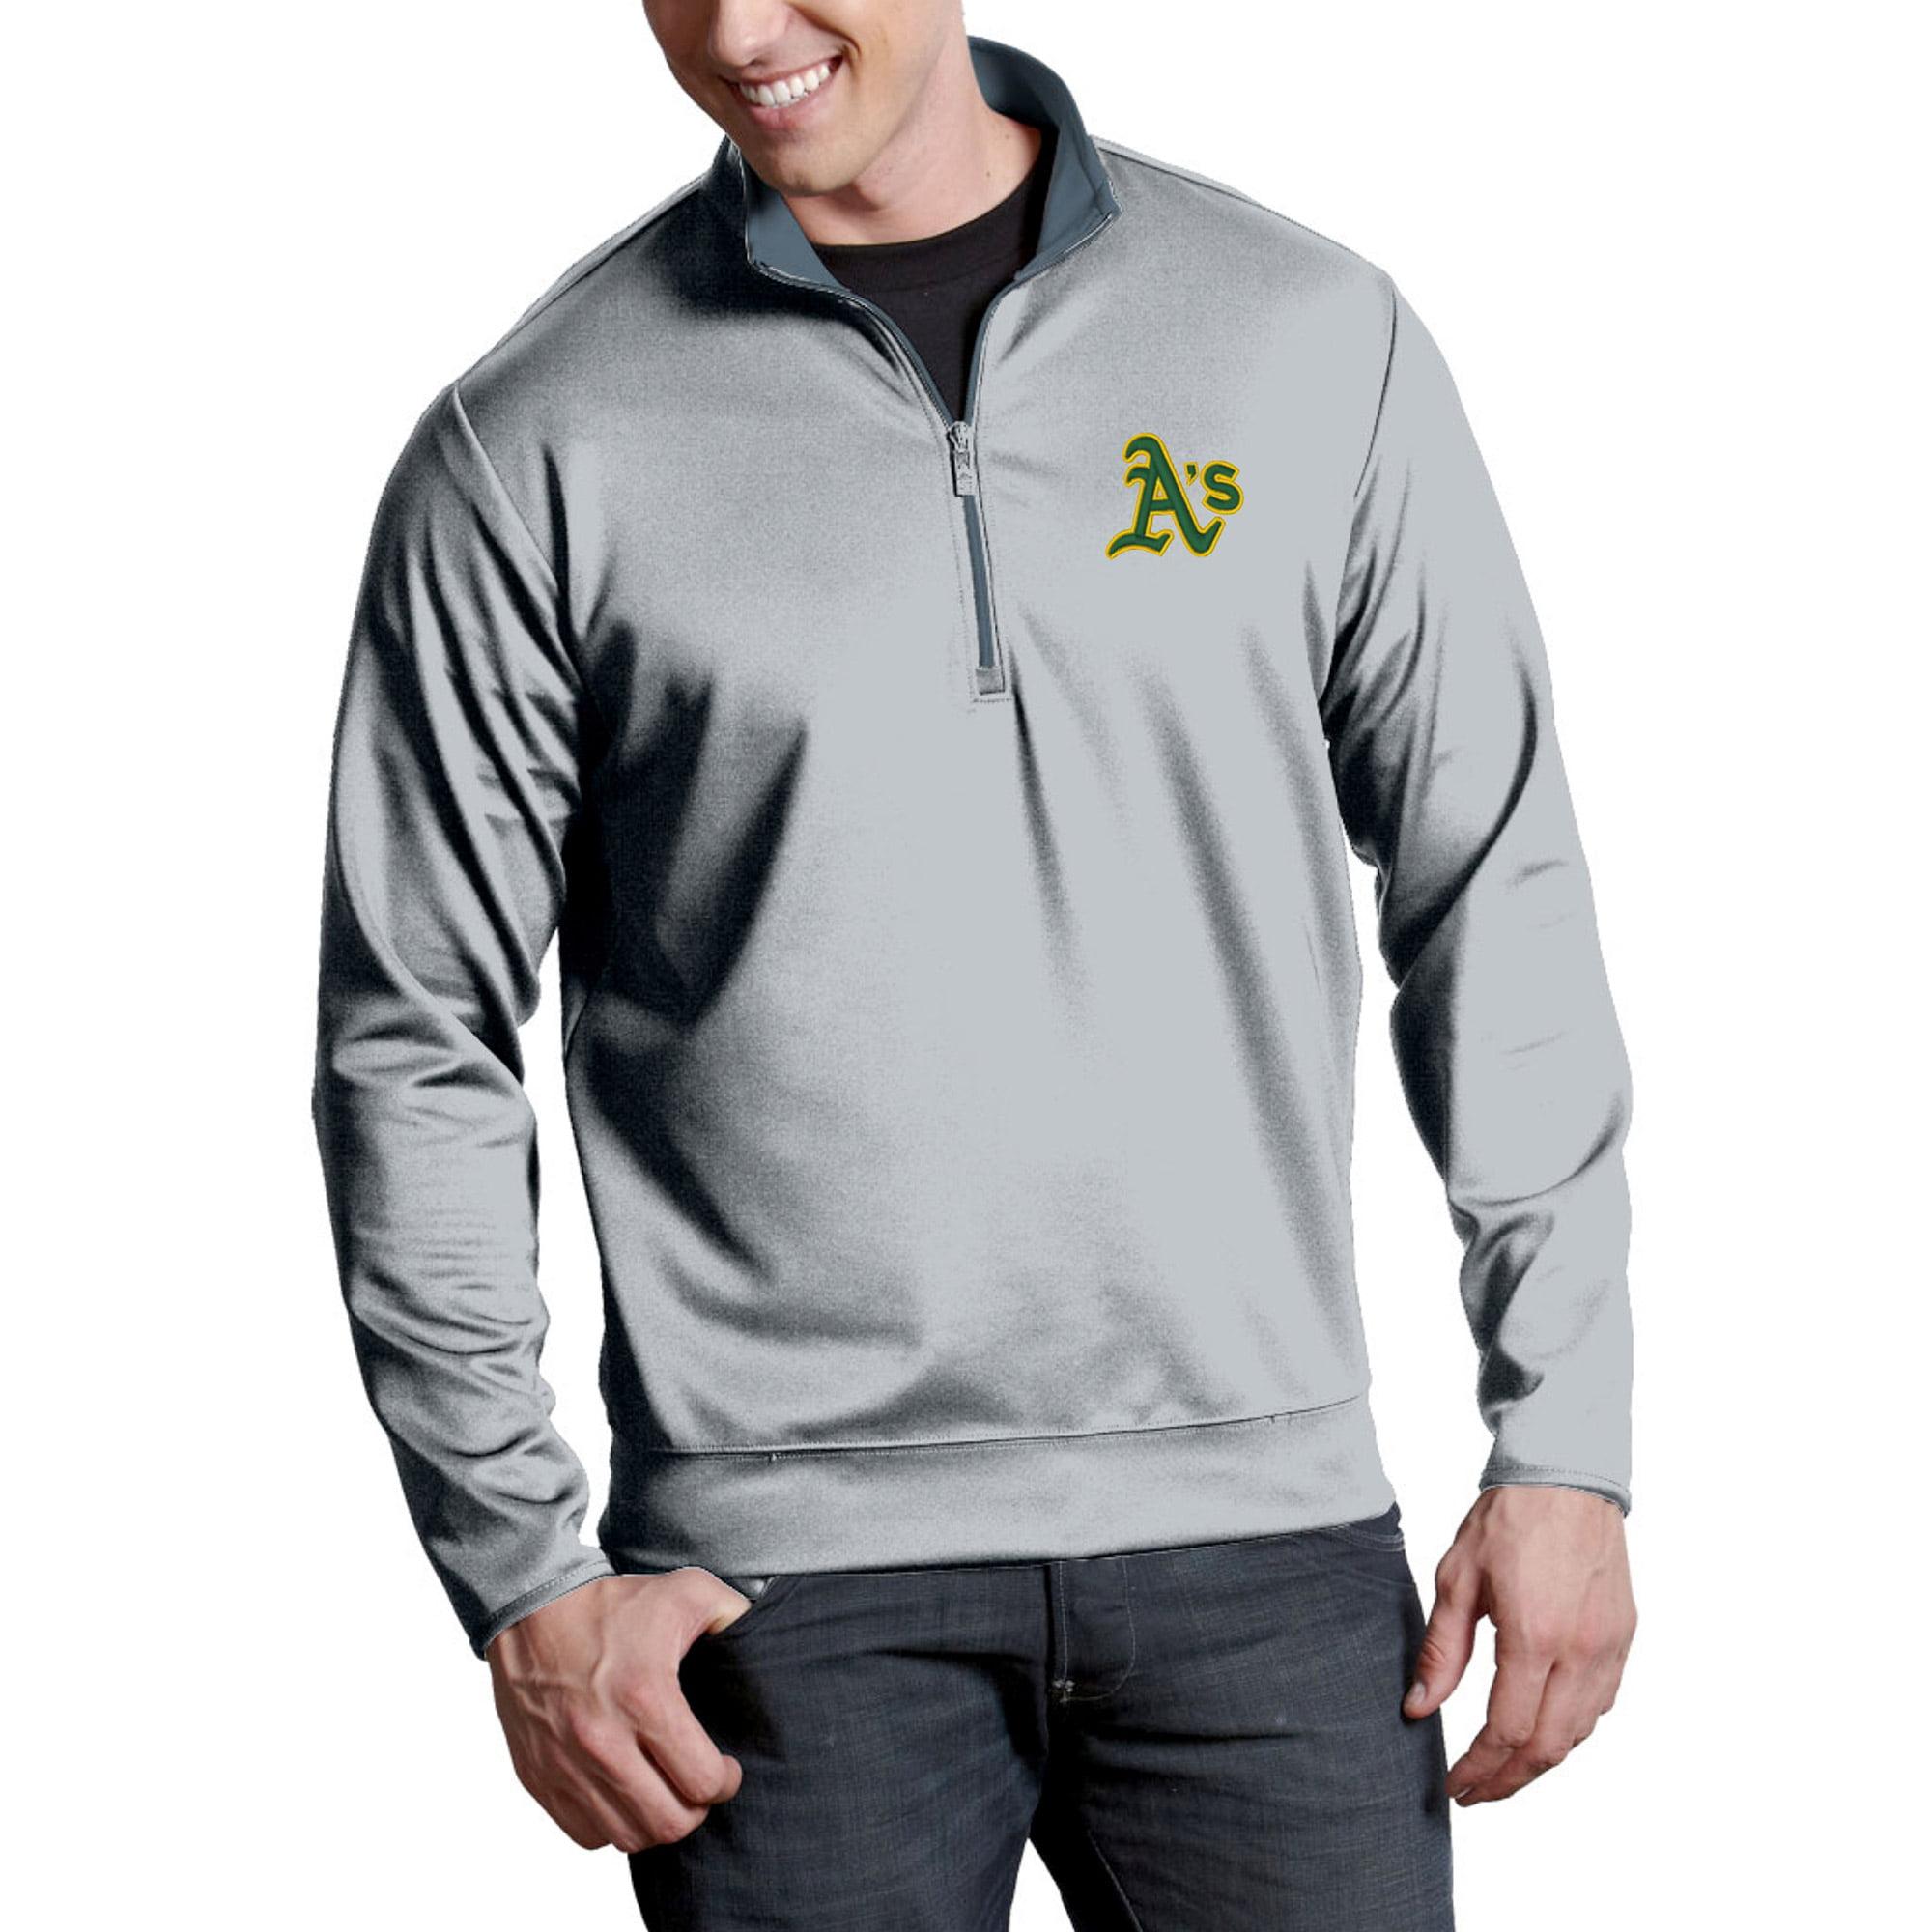 Oakland Athletics Antigua Leader Quarter-Zip Pullover Jacket - Silver